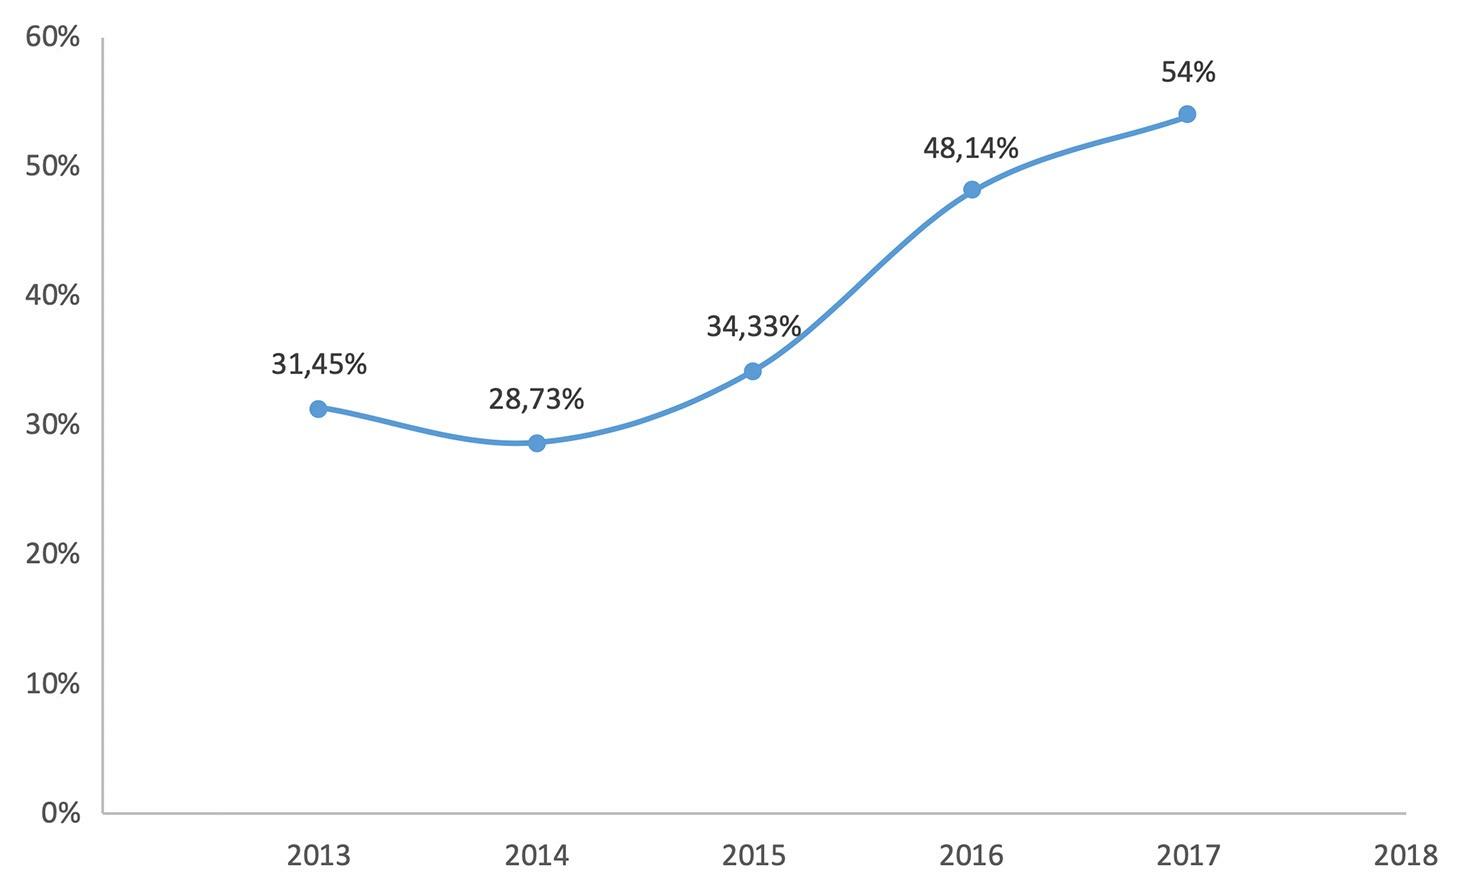 過去数年間での金銭目的のフィッシングの増加